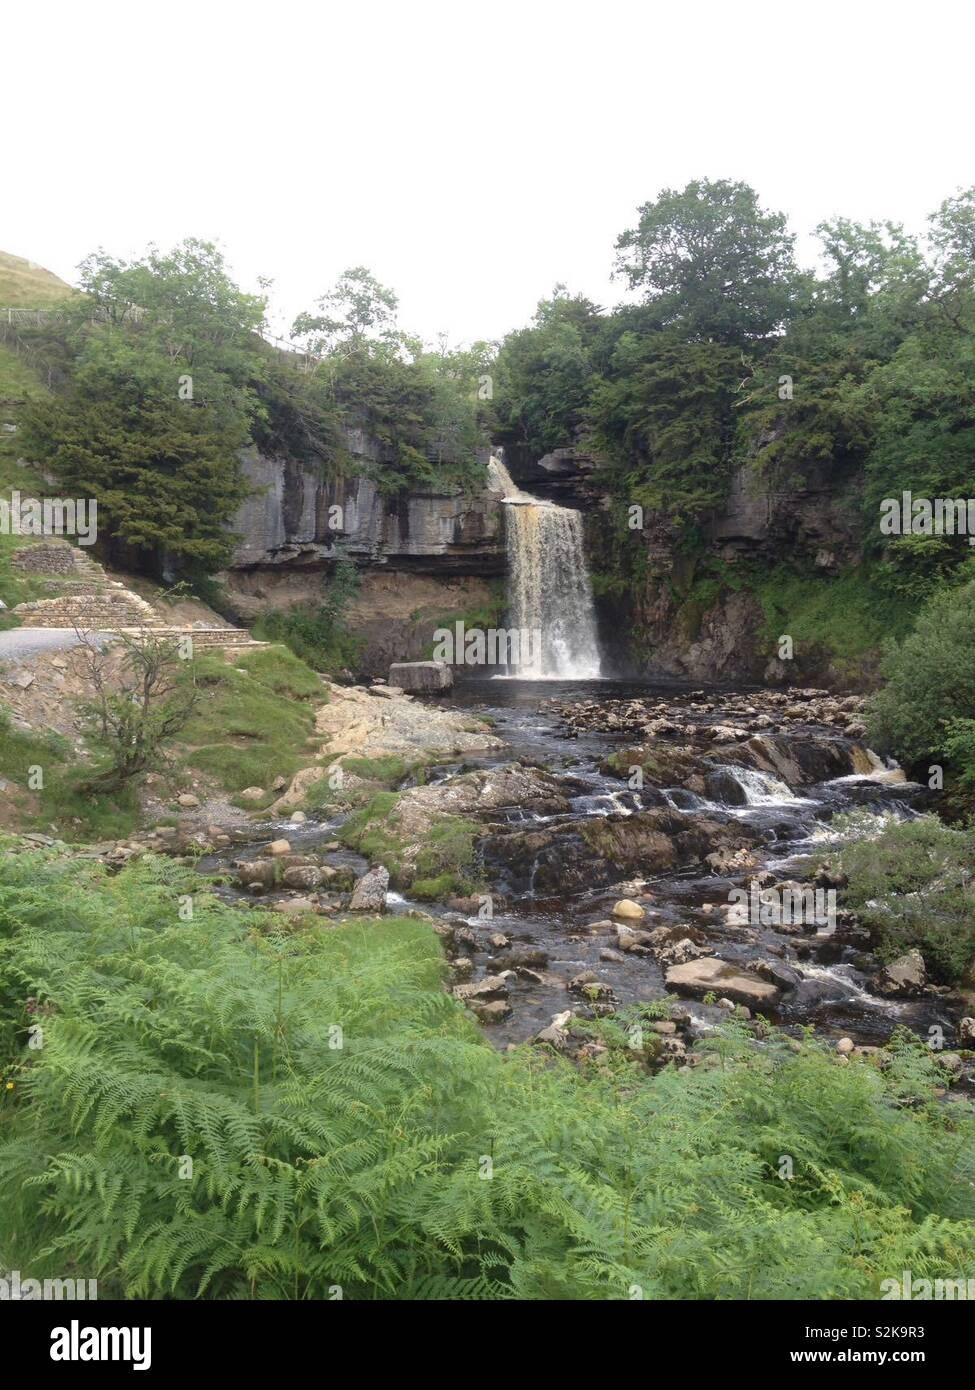 Wideshot UK Yorkshire waterfall - Stock Image